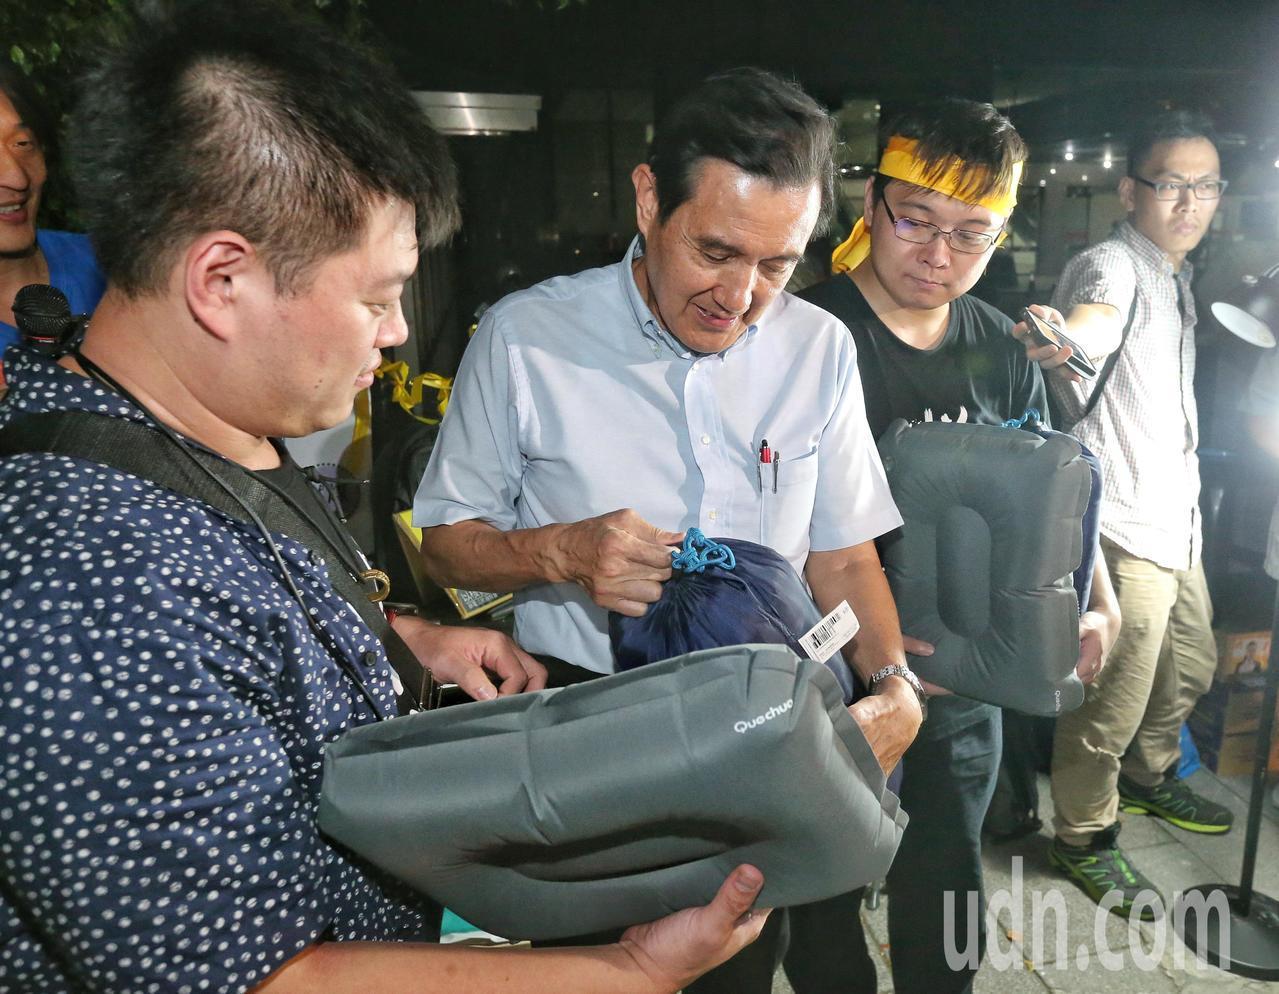 馬英九(中)送來睡袋枕頭給黃士修(右)聲援。記者鄭清元/攝影